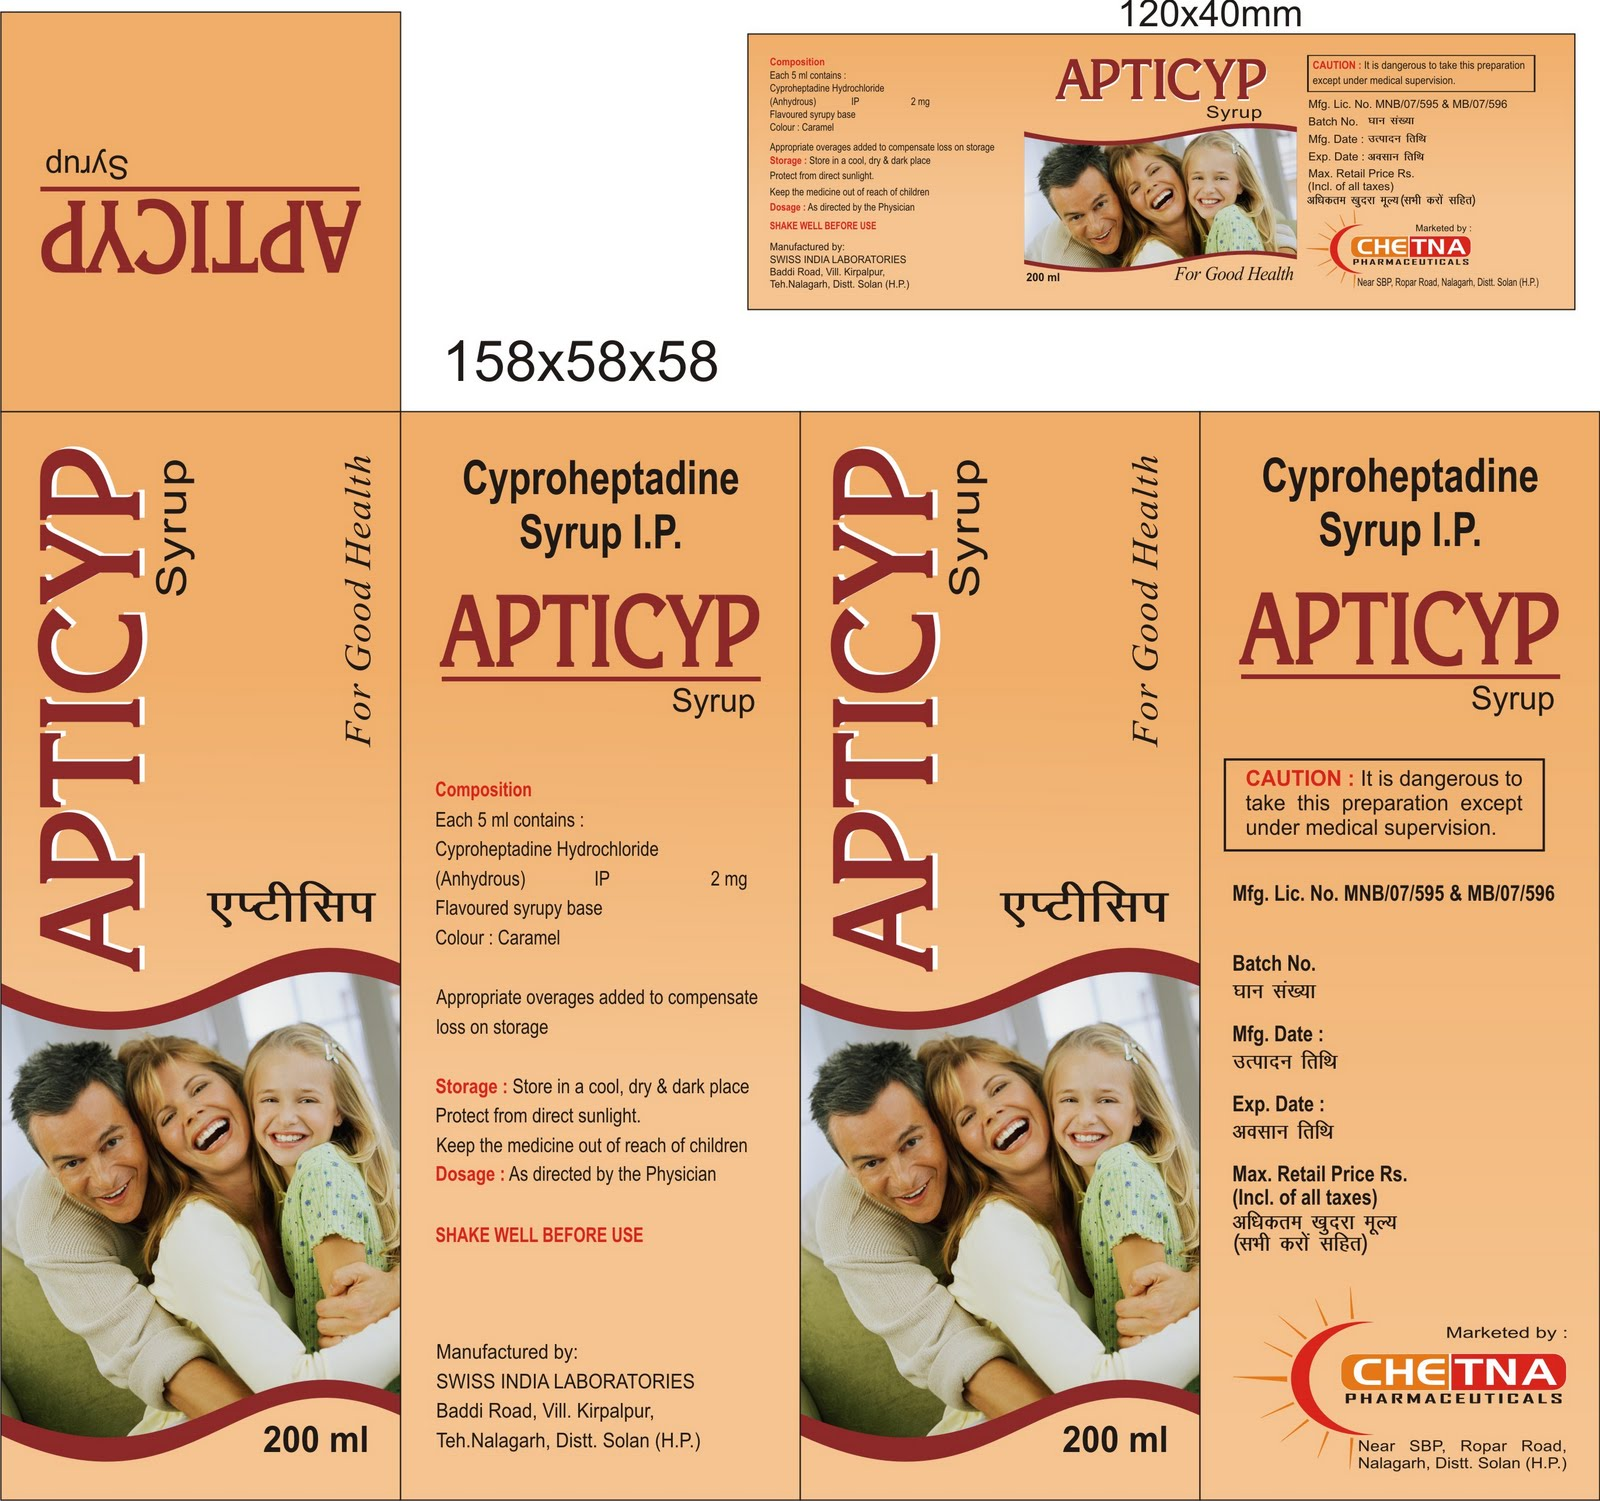 http://2.bp.blogspot.com/-ILKVN5VS7AI/Tc-2p-Dh5QI/AAAAAAAAABE/bCOjvX1wAJ0/s1600/Apticyp%2Bswiss%2Bnormal.jpg